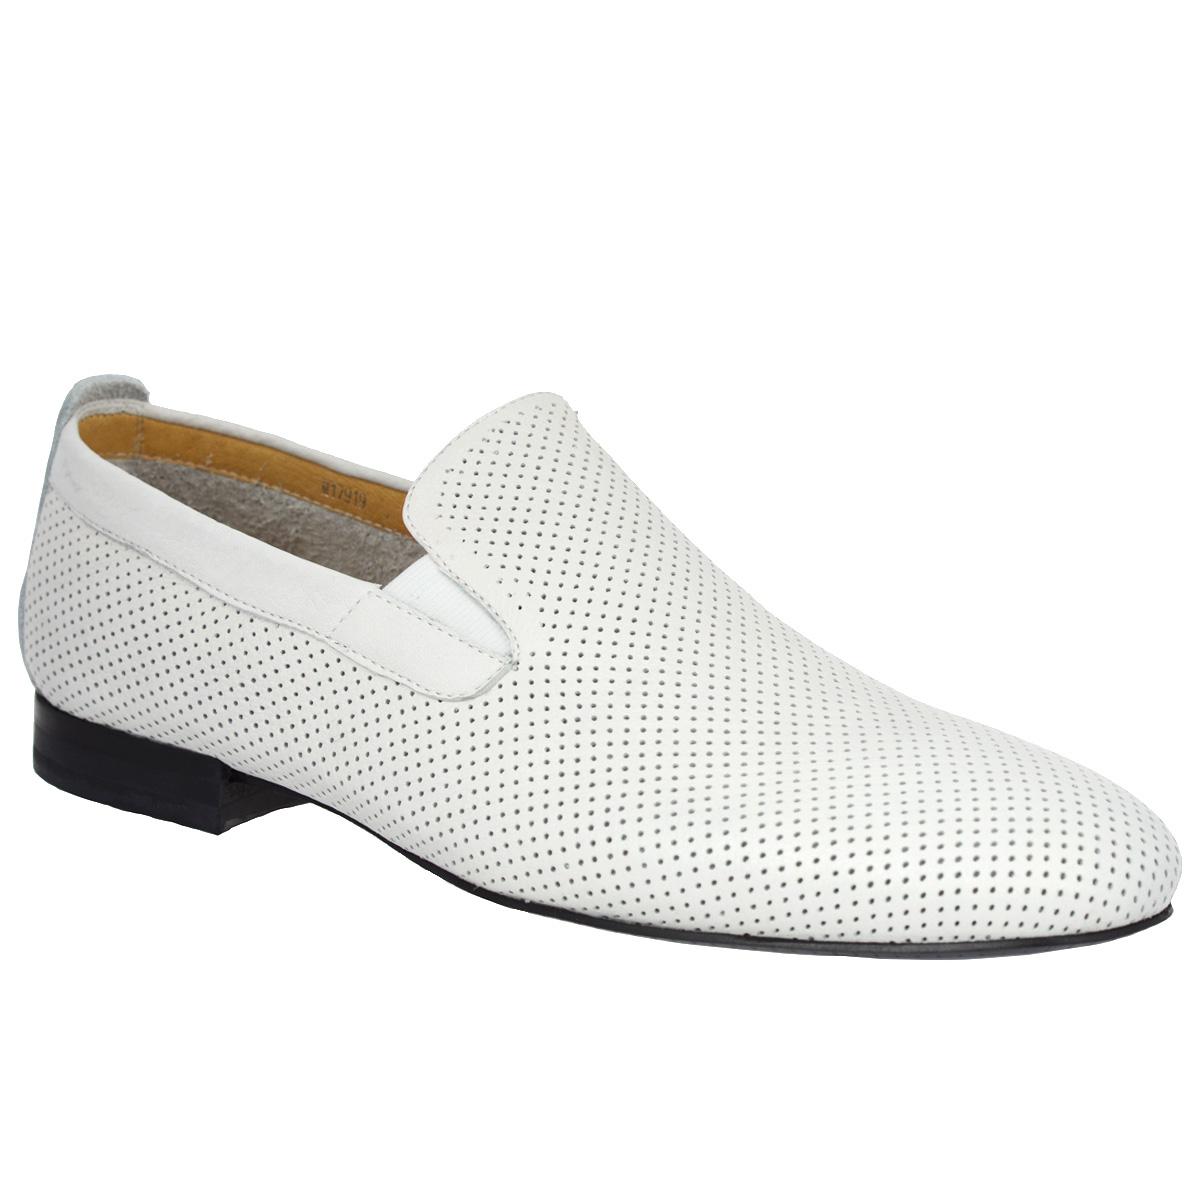 M17919Элегантные мужские туфли Vitacci займут достойное место в вашем гардеробе. Модель изготовлена из натуральной кожи и оформлена перфорацией для лучшей воздухопроницаемости, задним ремнем. Резинки, расположенные на подъеме, обеспечивают оптимальную посадку модели на ноге. Стелька из натуральной кожи дополнена нашивкой с названием бренда. Низкий каблук устойчив. Подошва с рифлением обеспечивает идеальное сцепление с любой поверхностью. Стильные туфли не оставят равнодушным ни одного мужчину.